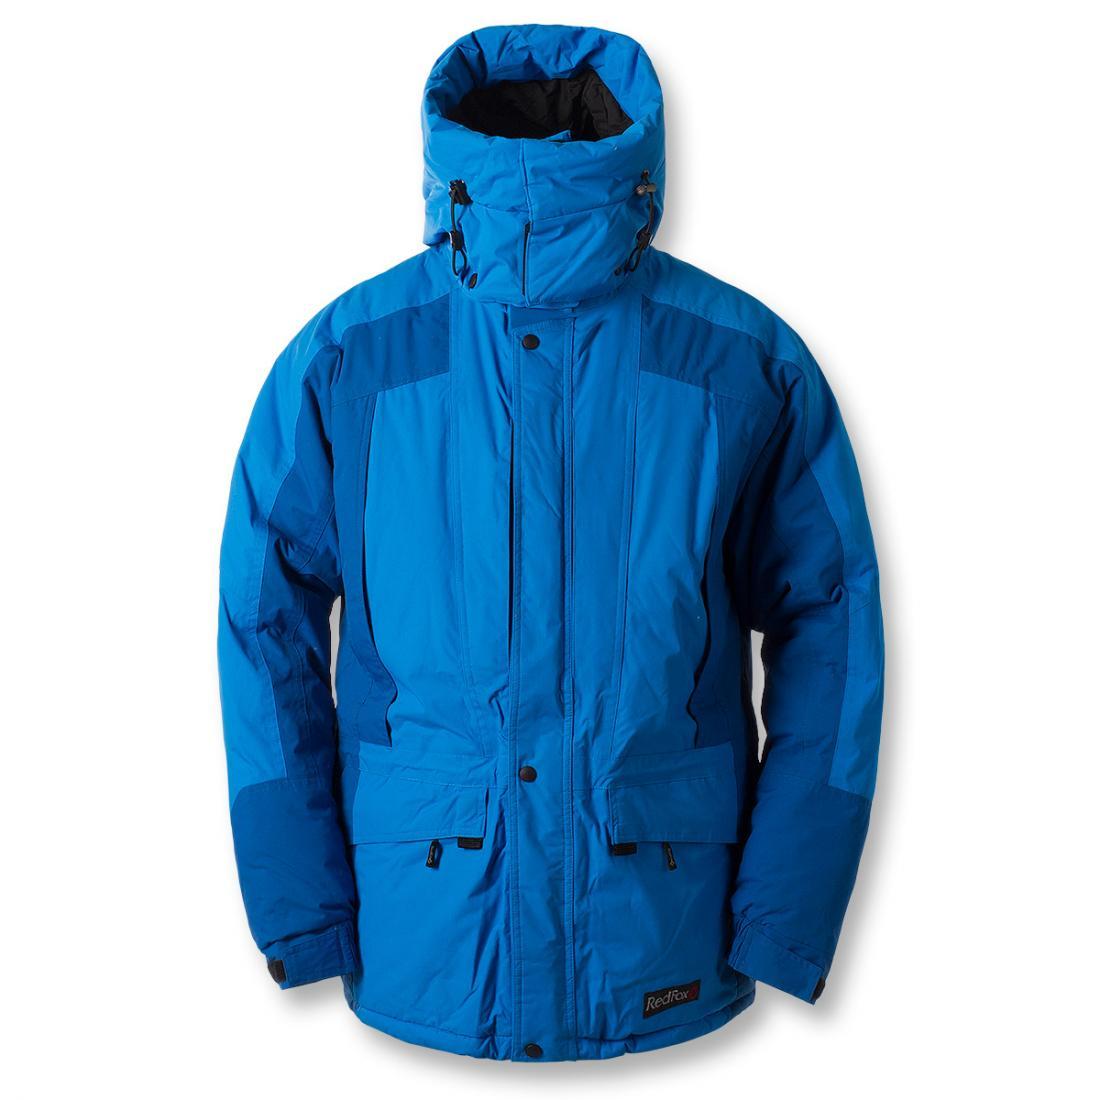 Куртка утепленная Snow Man МужскаяКуртки<br><br>Универсальная мужская утеплённая куртка создана специально для условий Крайнего Севера. Плотная внешняя мембранная ткань создает идеа...<br><br>Цвет: Кобальт<br>Размер: 60